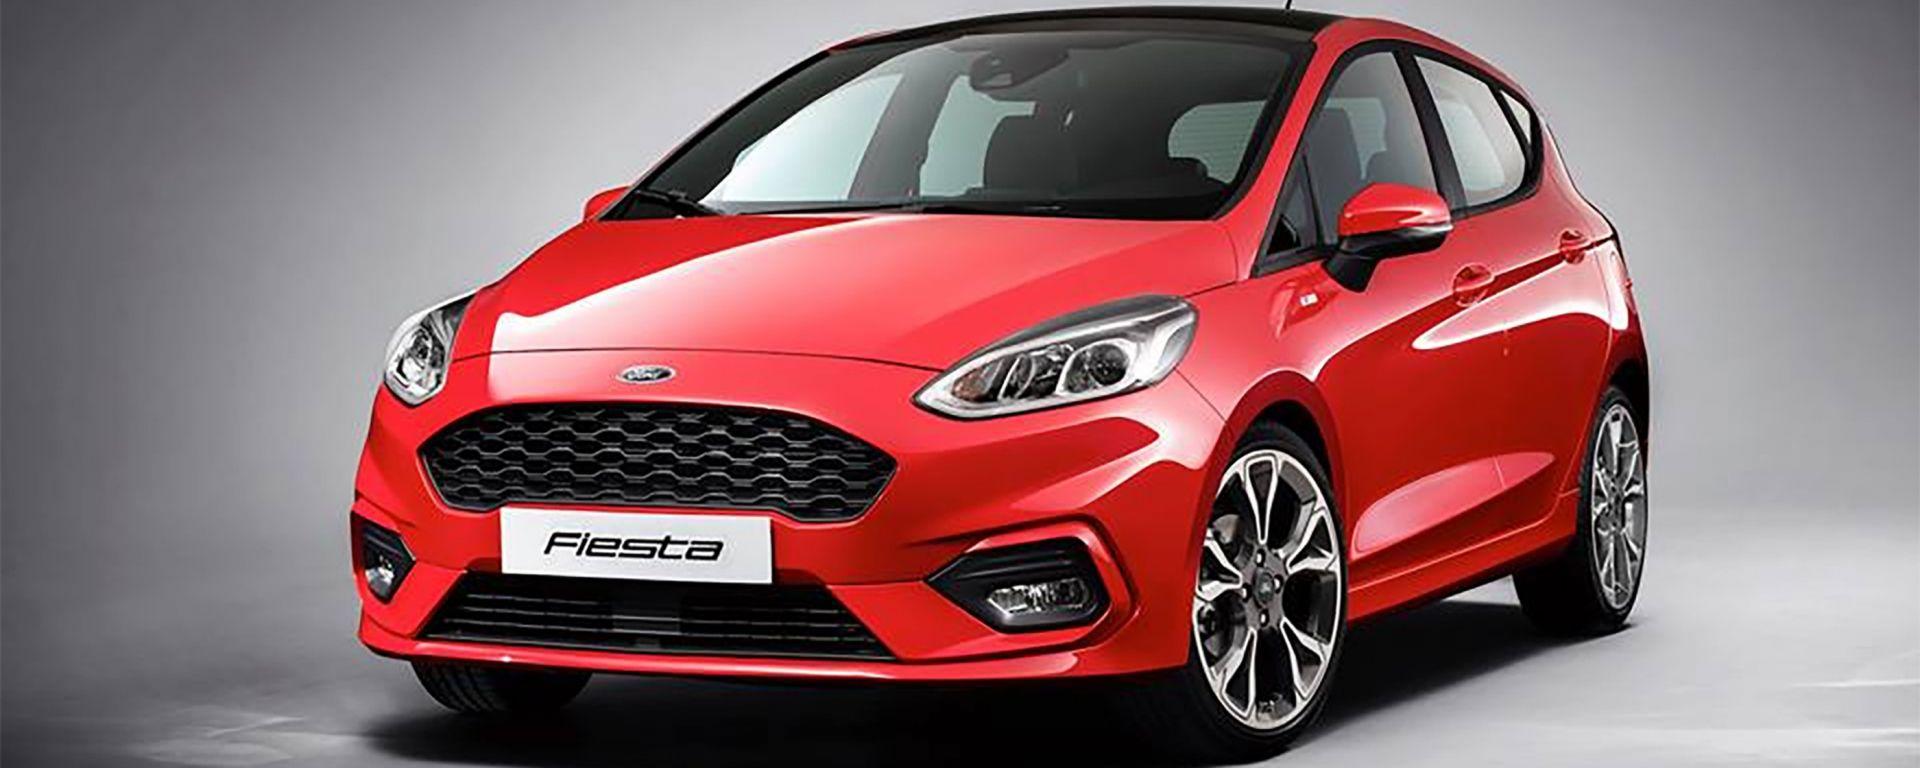 Nuova Ford Fiesta: la prima foto ufficiale